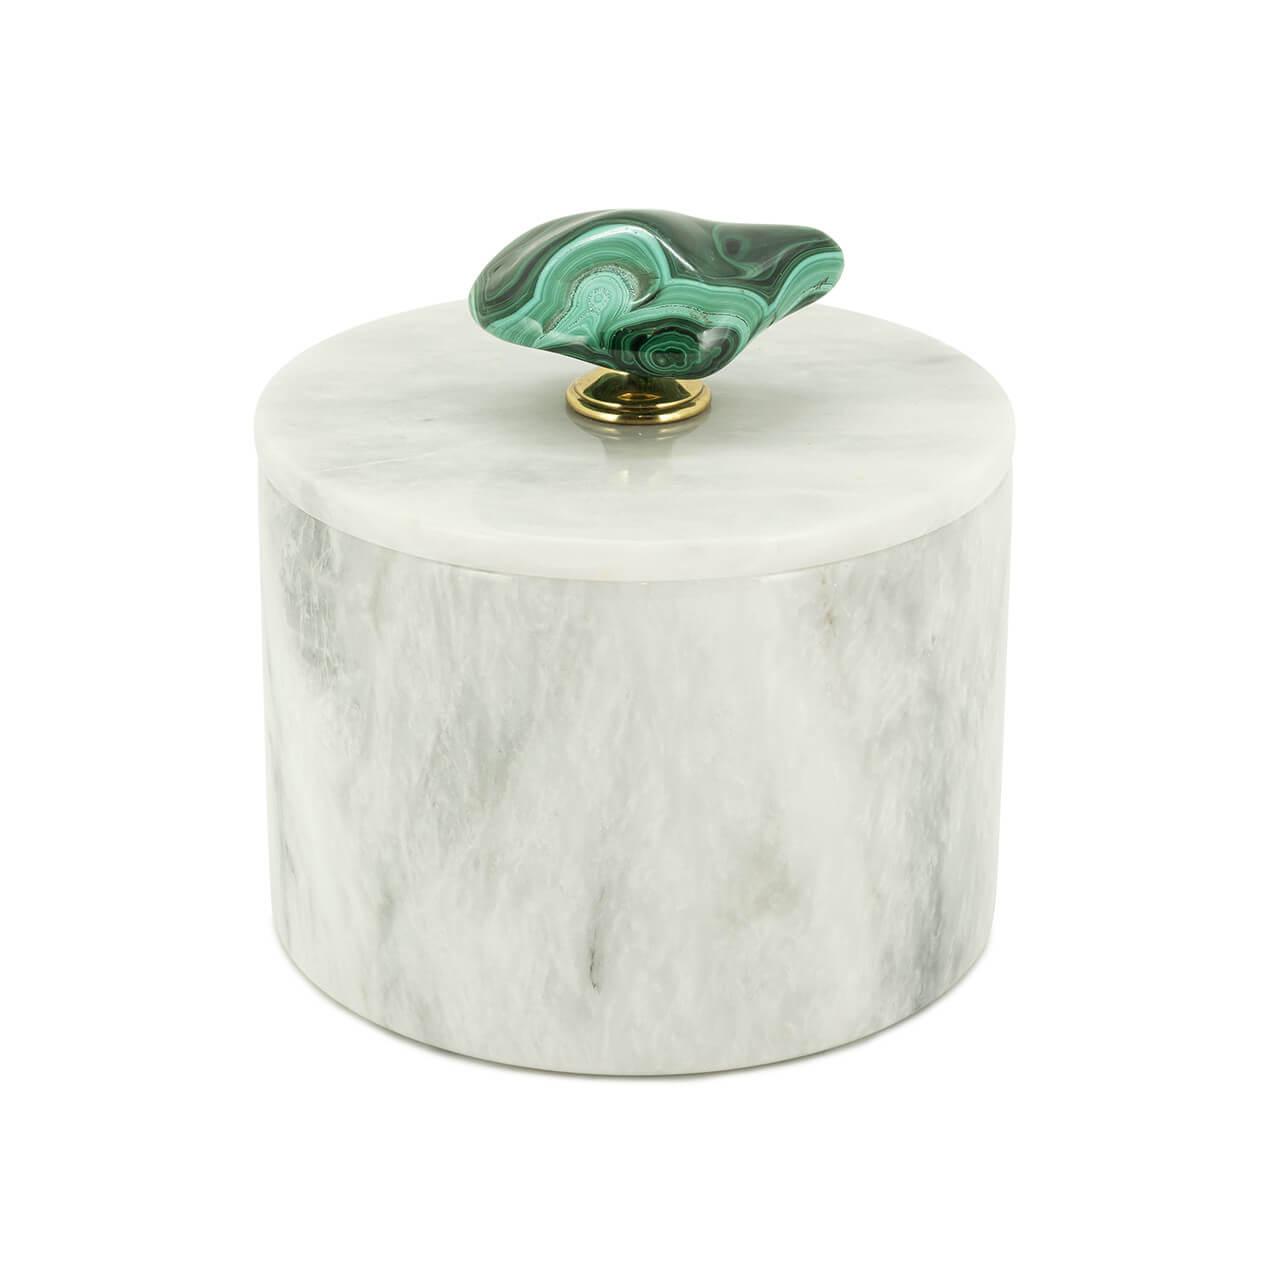 ABHIKA Box Lixus Malaki, H16 D16, Green/White